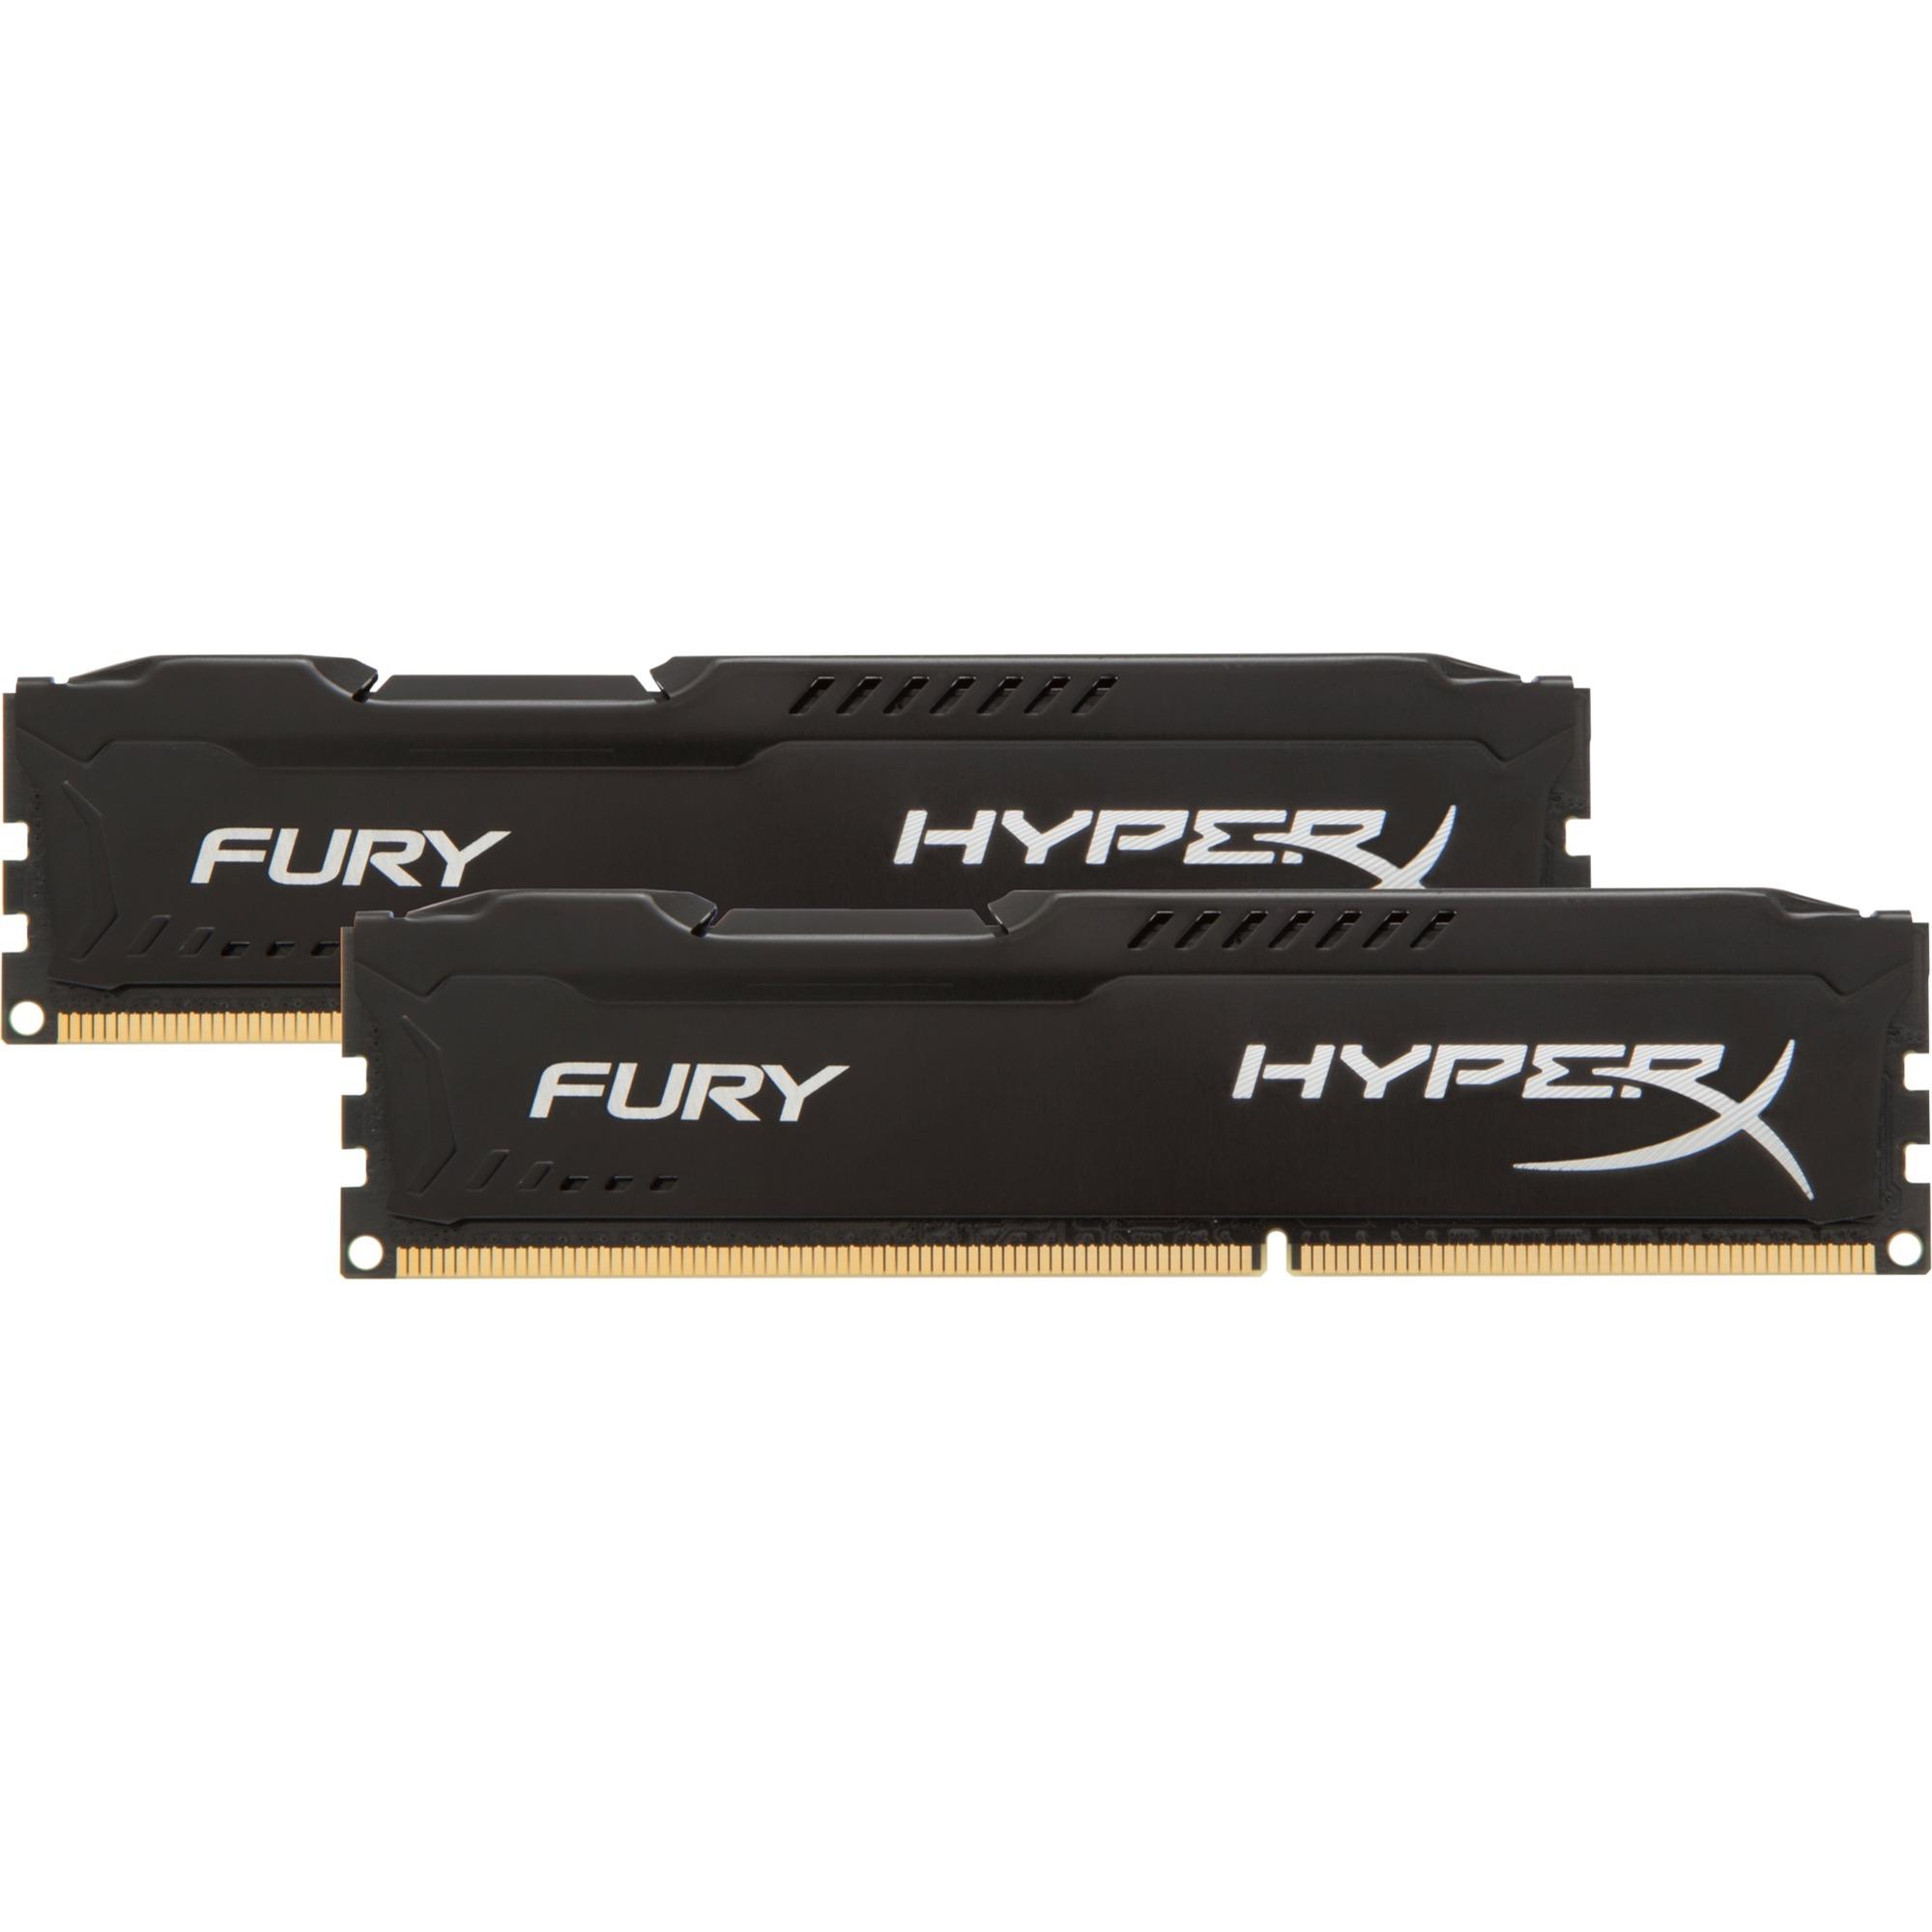 Fury 8 Go (2x 4Go) DDR3 1866 MHz CL10, Mémoire